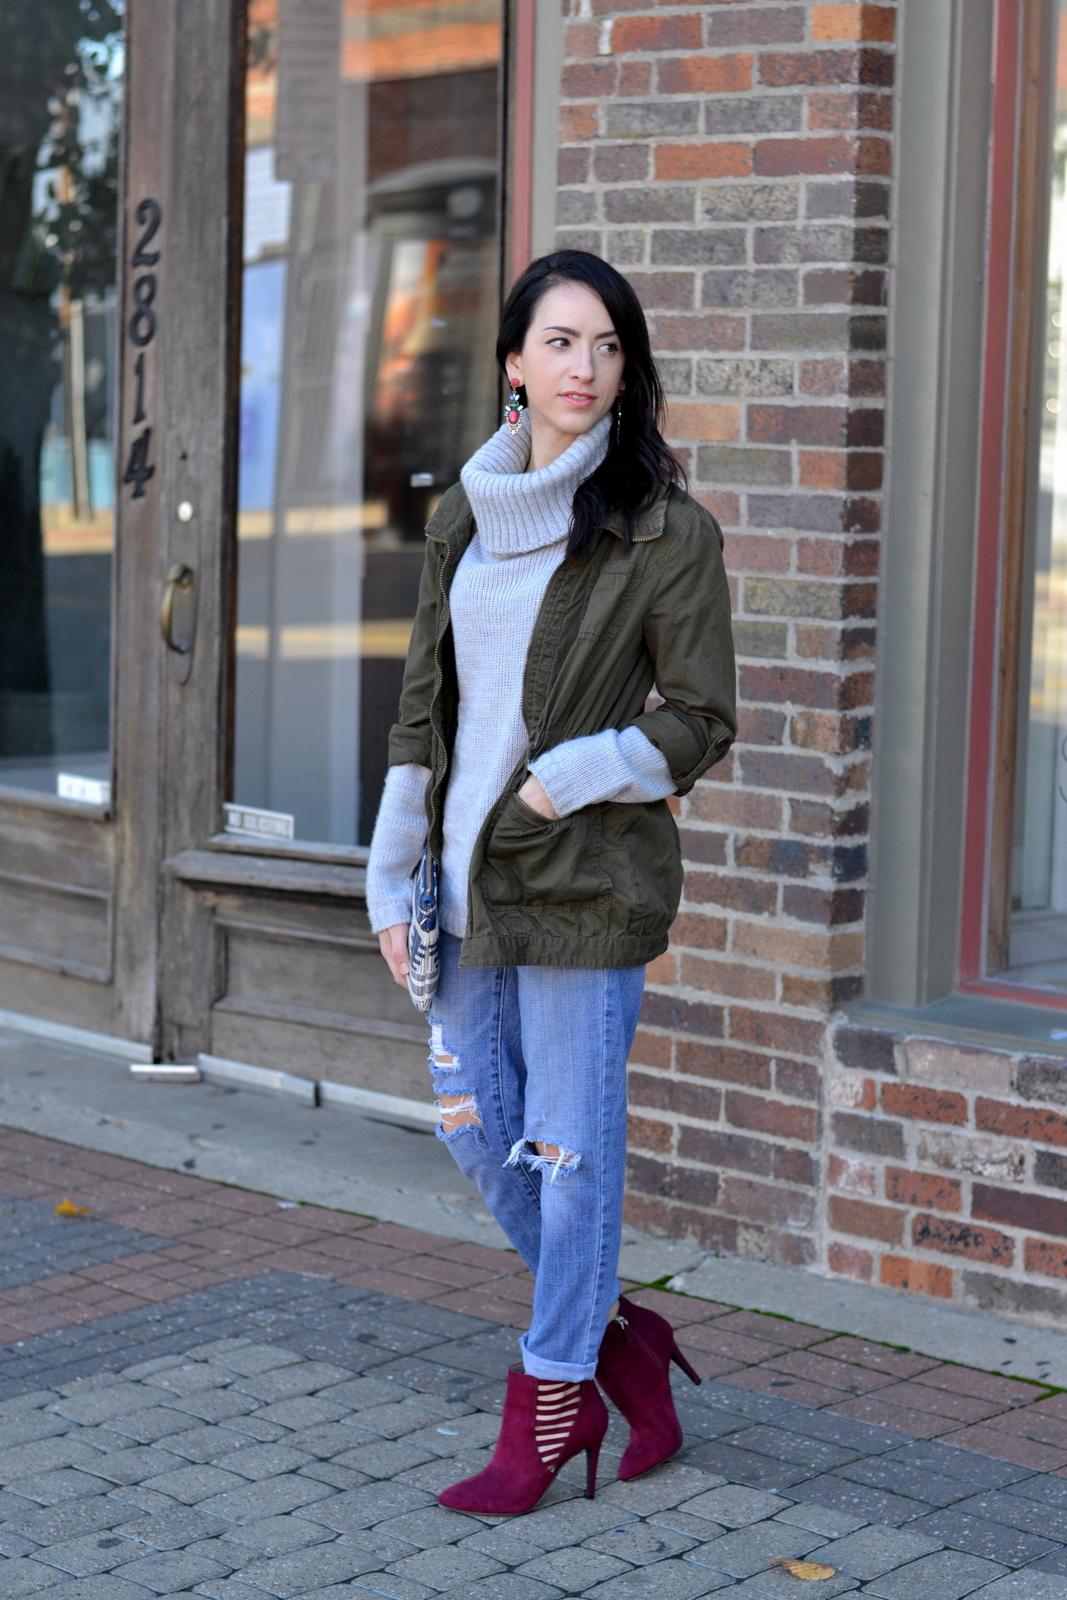 Fall Sweater_Boyfriend Jeans_Booties